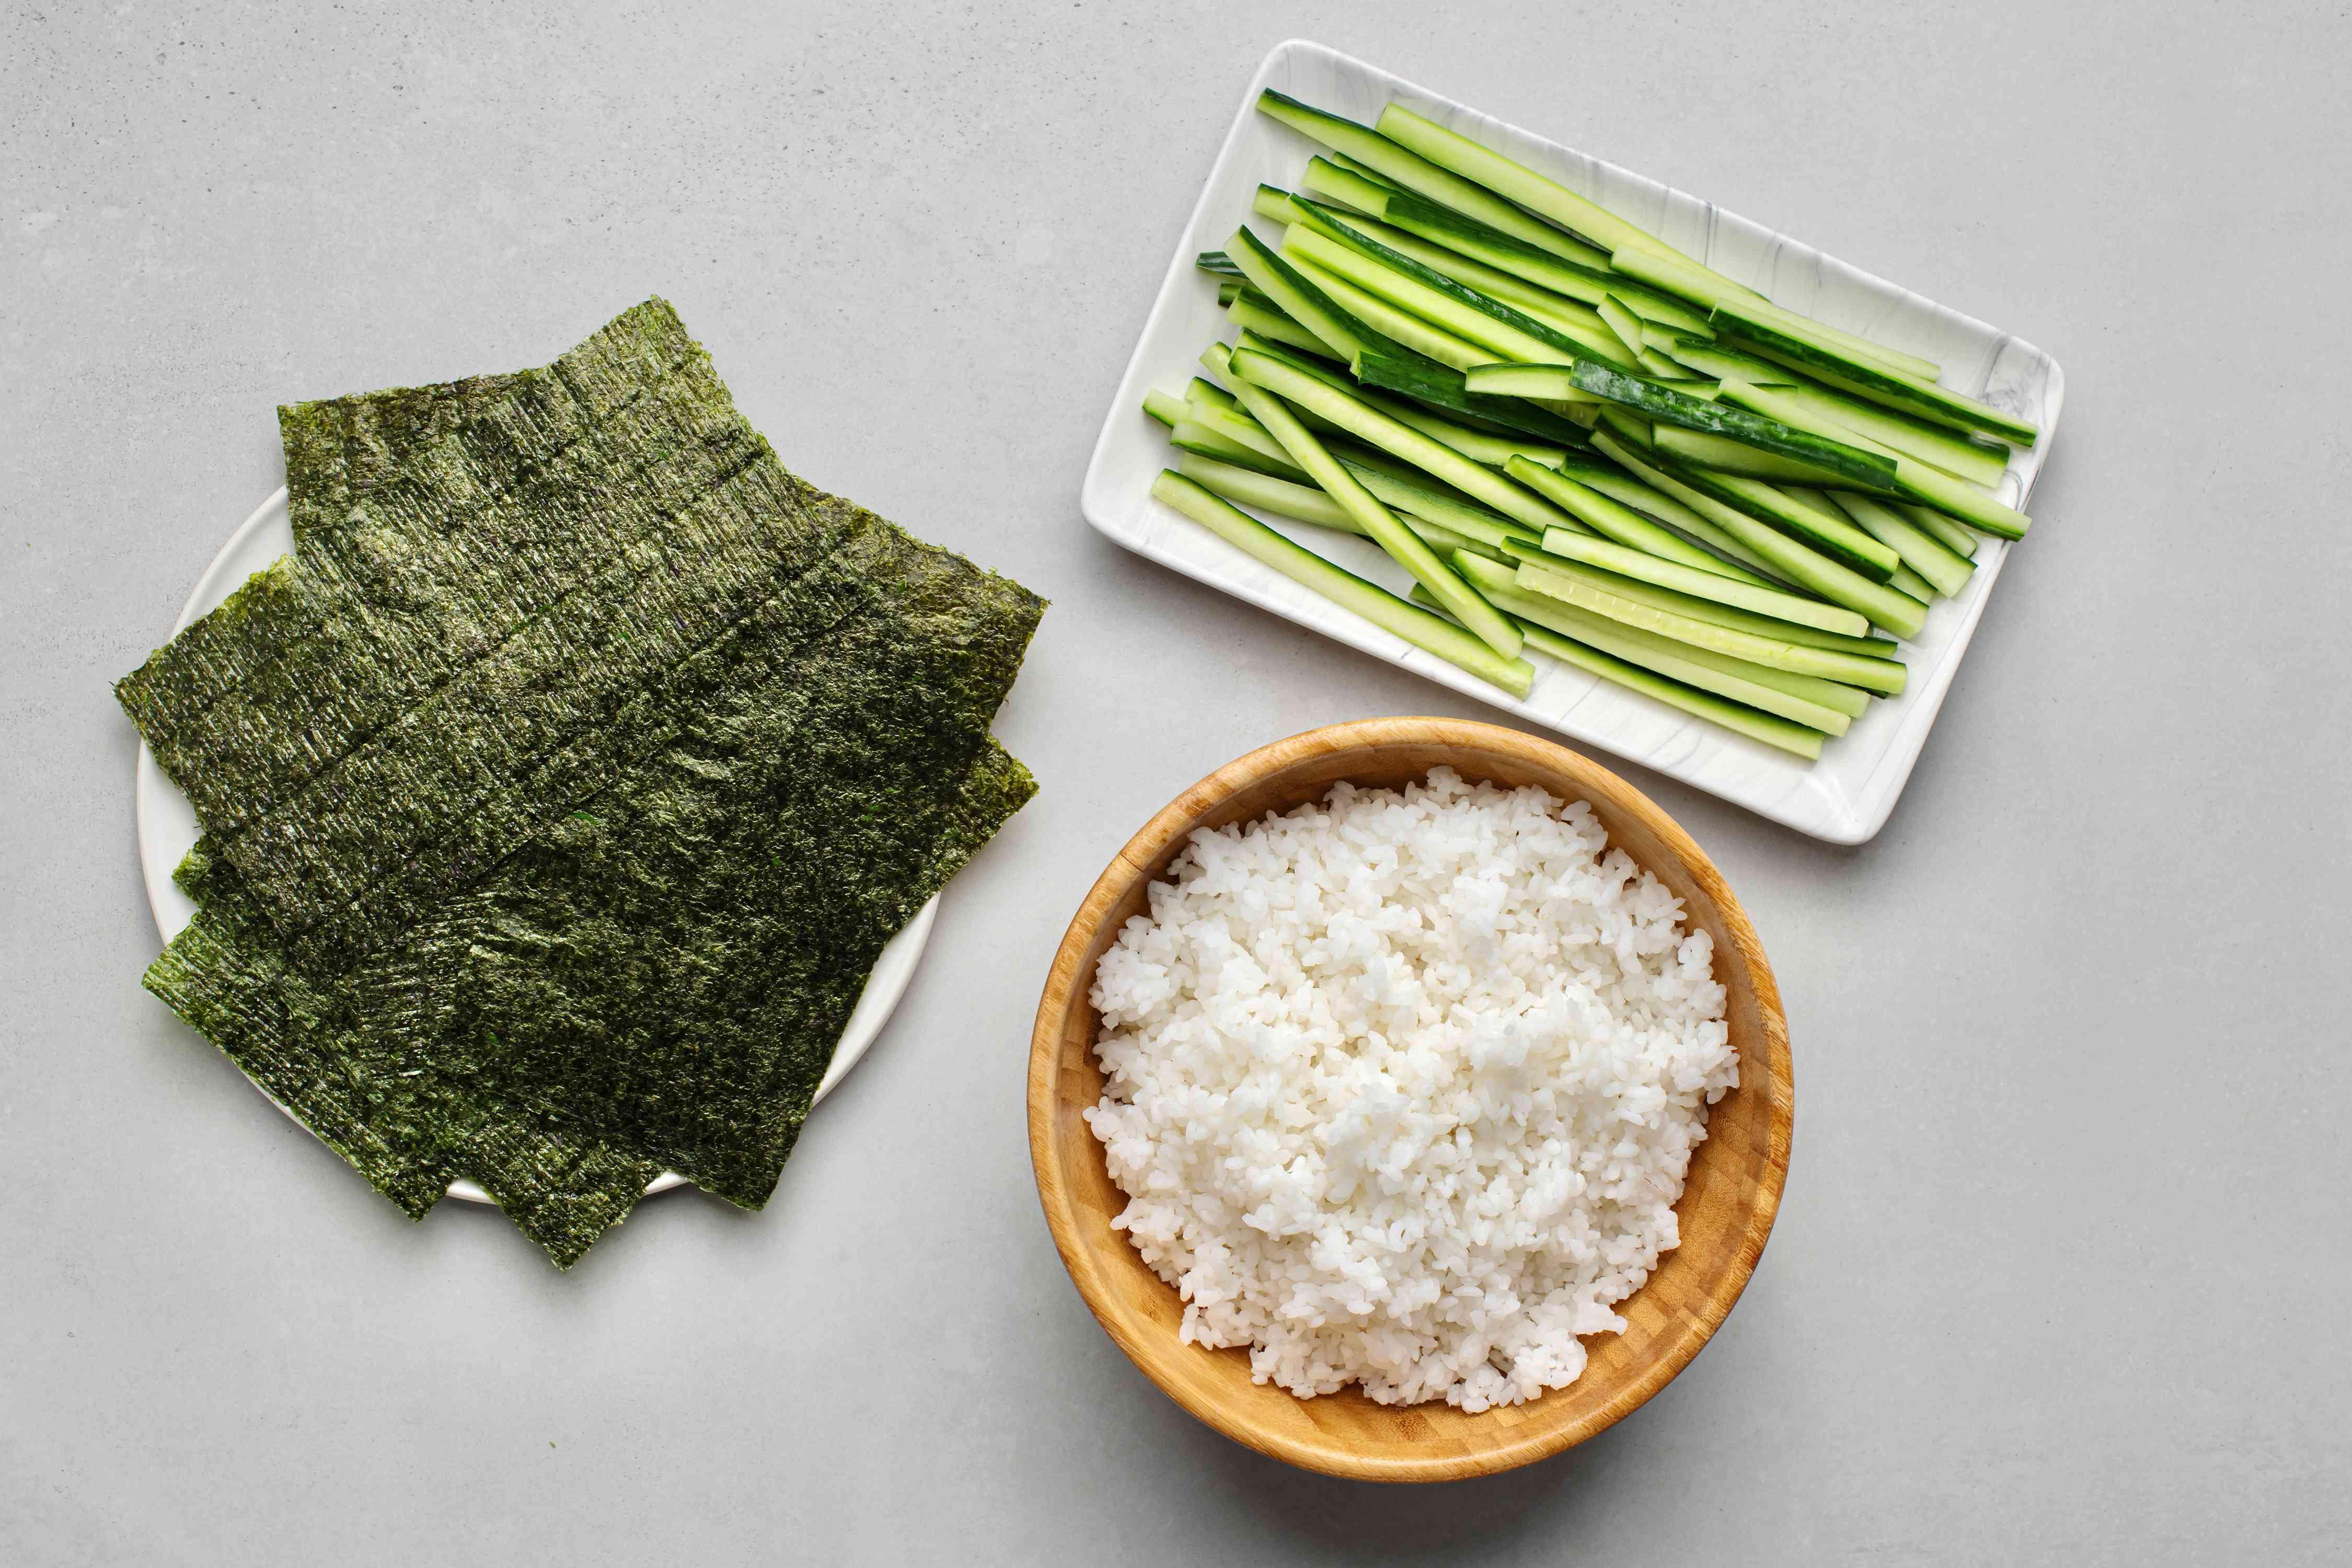 Kappamaki (cucumber sushi roll) ingredients